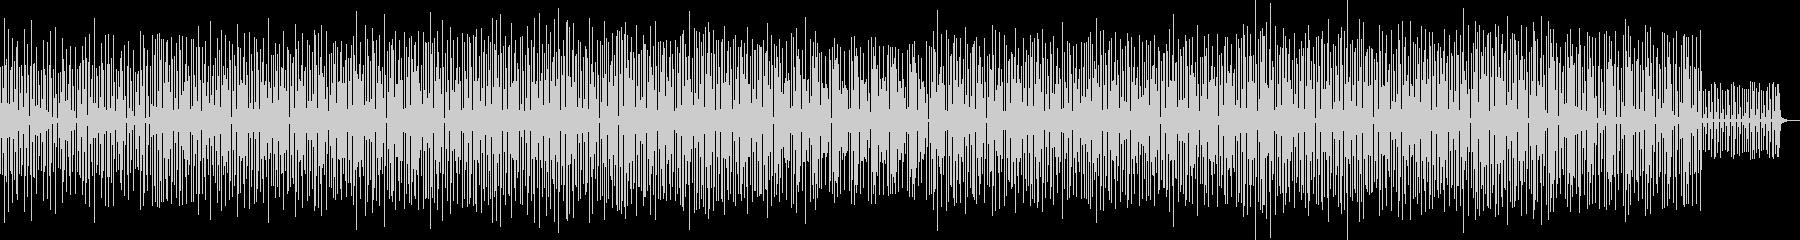 ピコピコ音が楽しいリズミカルなBGMの未再生の波形